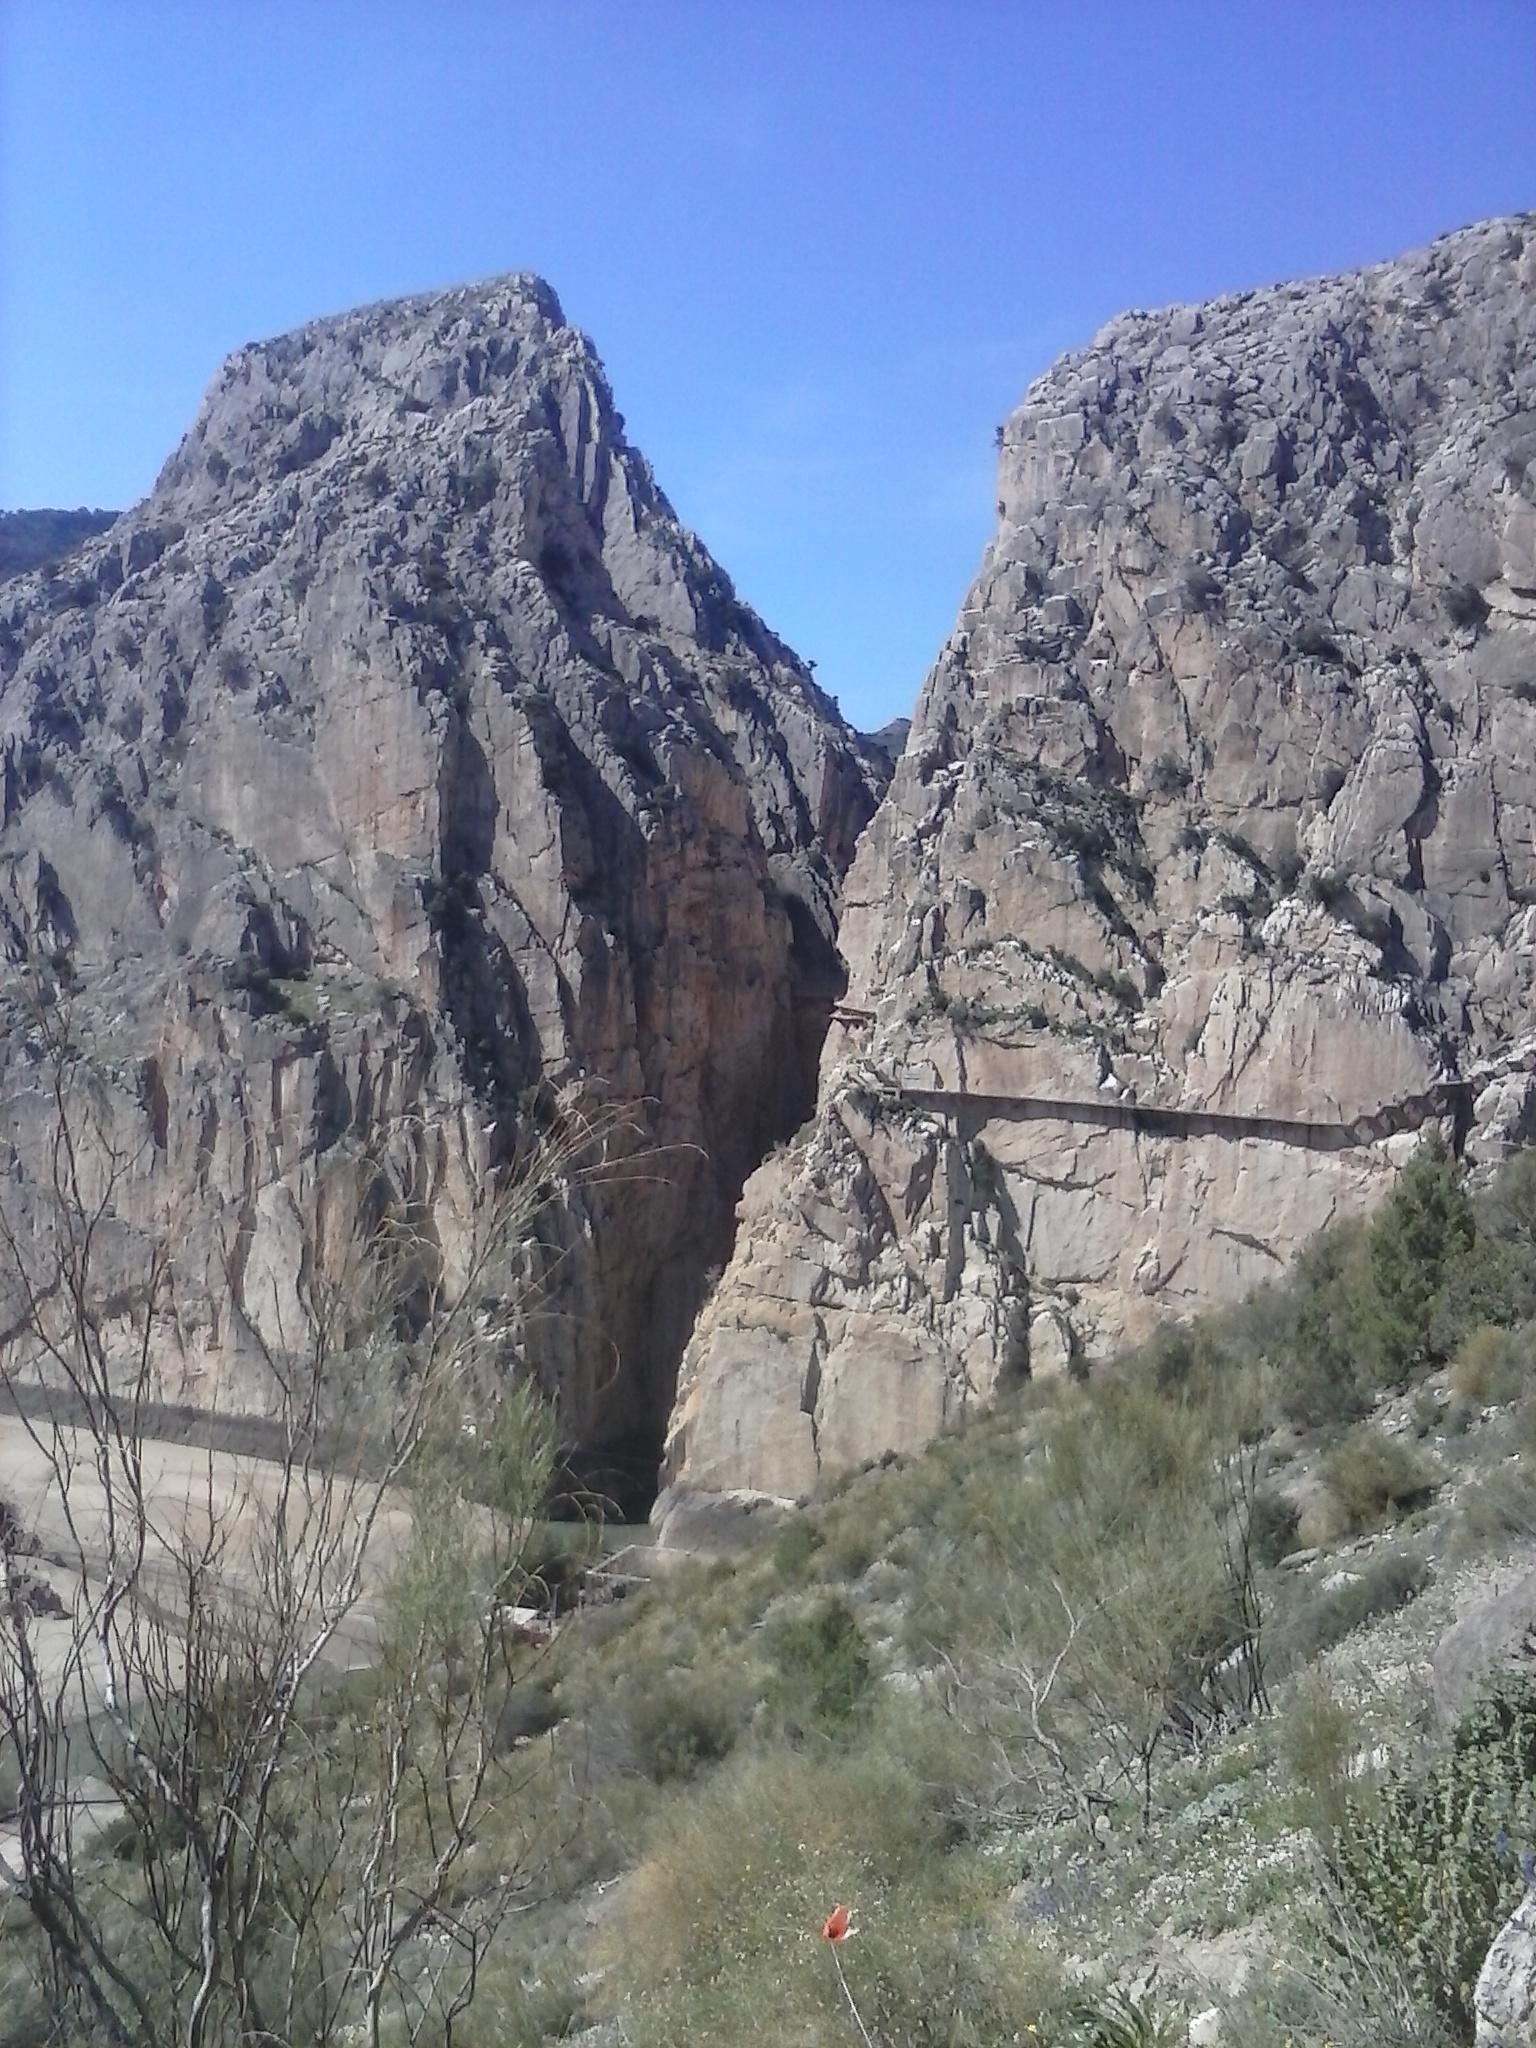 CAM01070.jpg Español: Desfiladero de los Gaitanes Date 30 March 2015, 15:57:28 Source Own work Author Mentefria88